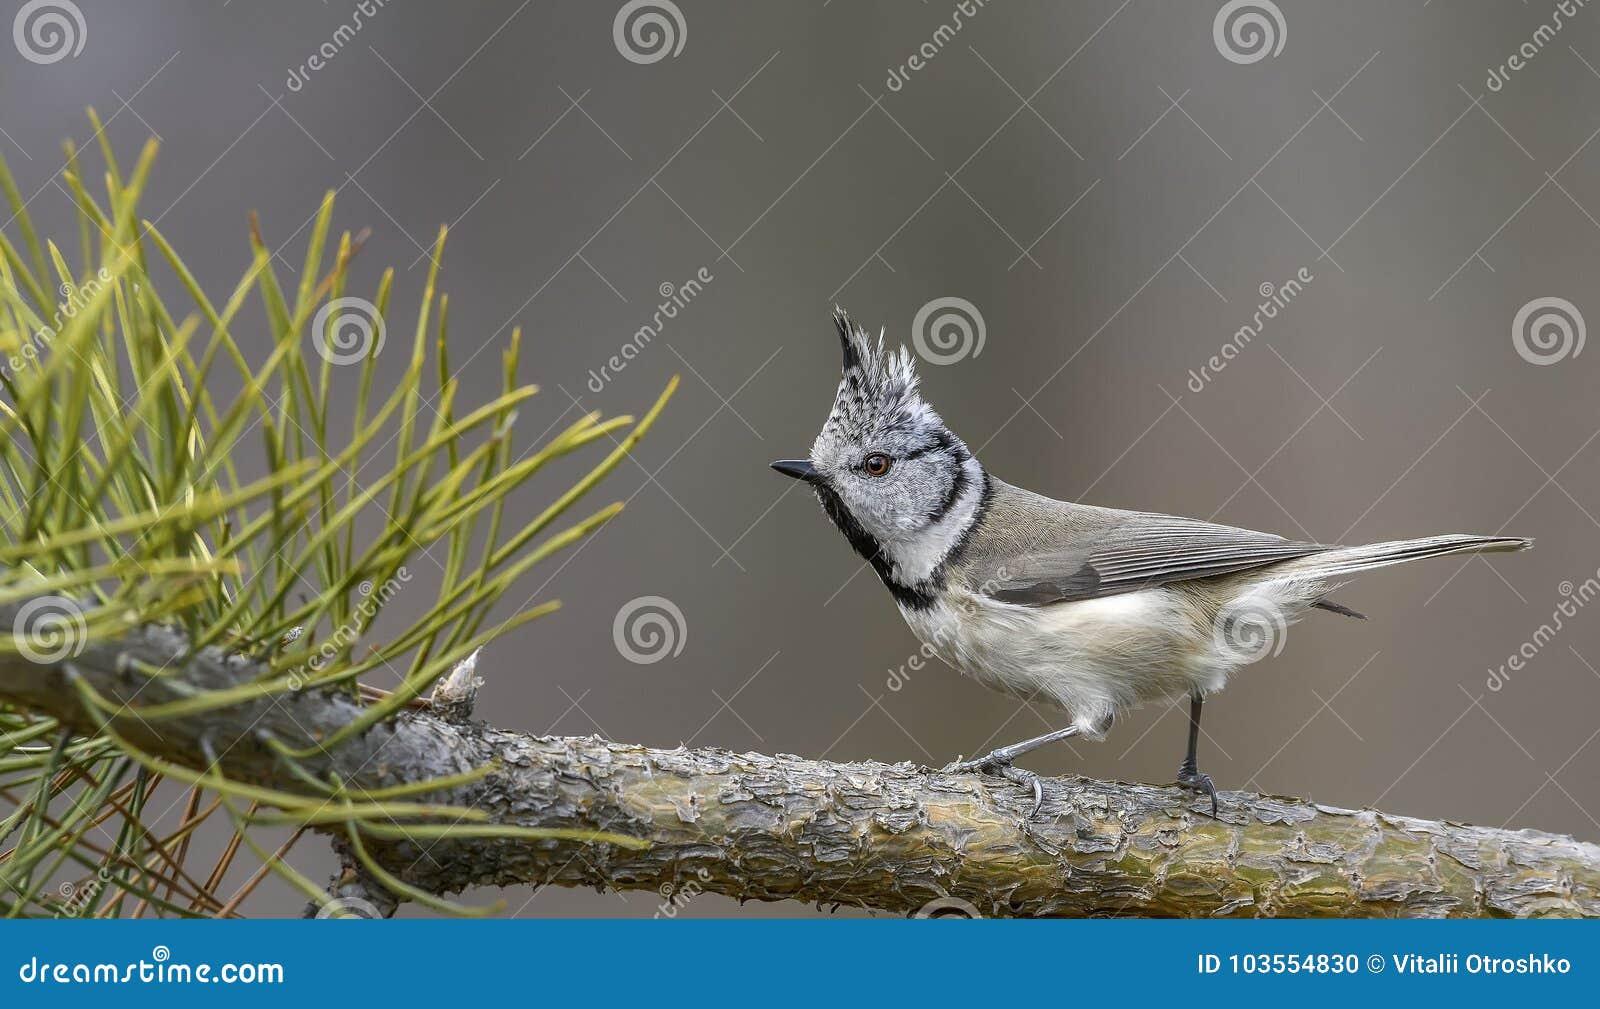 ¡ Ð отдохнуло синица, птица, птица с гребнем, птица в природе